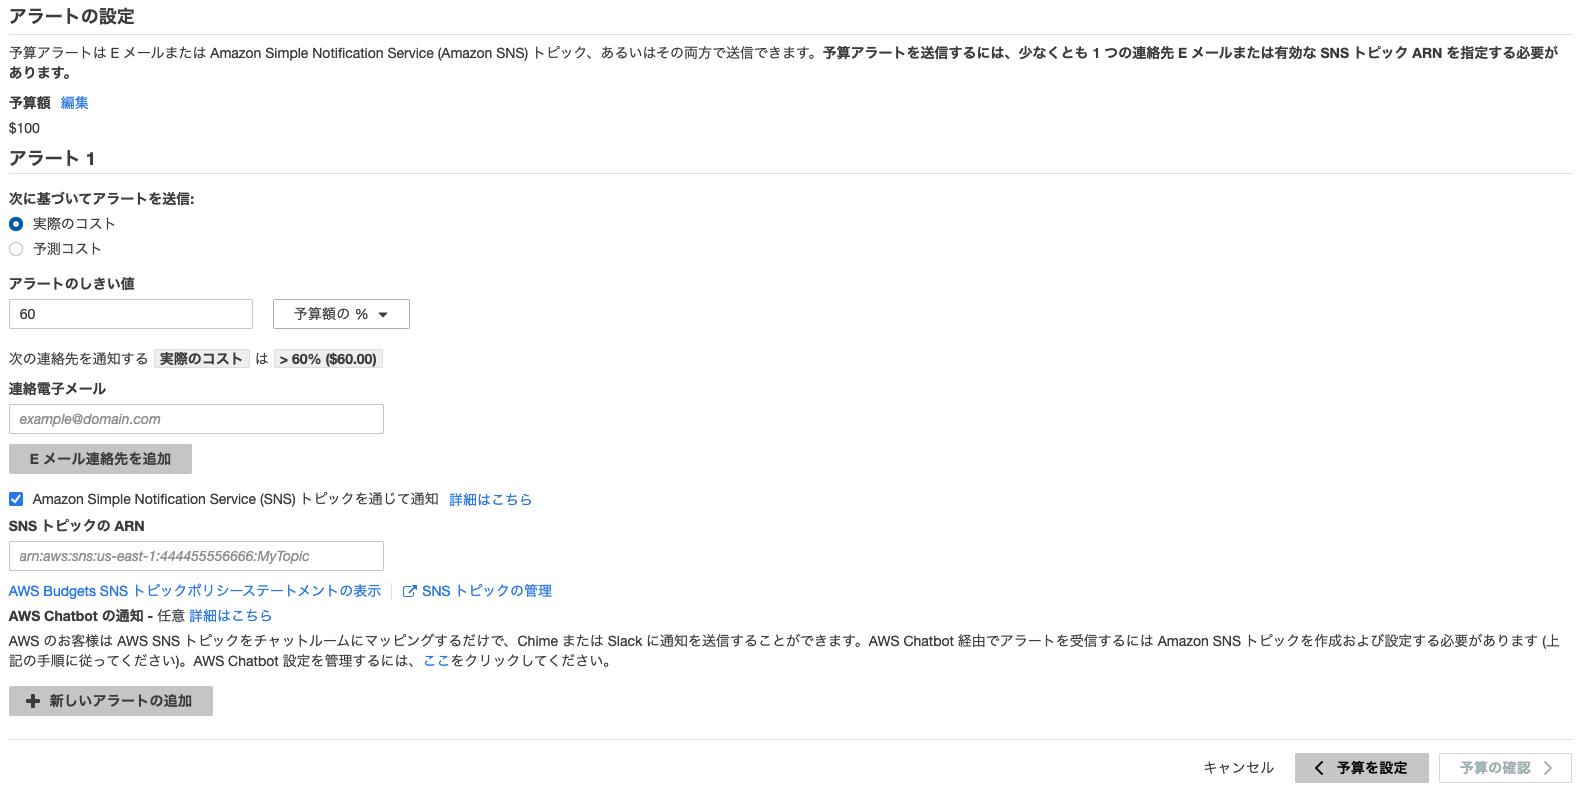 スクリーンショット 2020-08-04 19.21.09.png (153.3 kB)